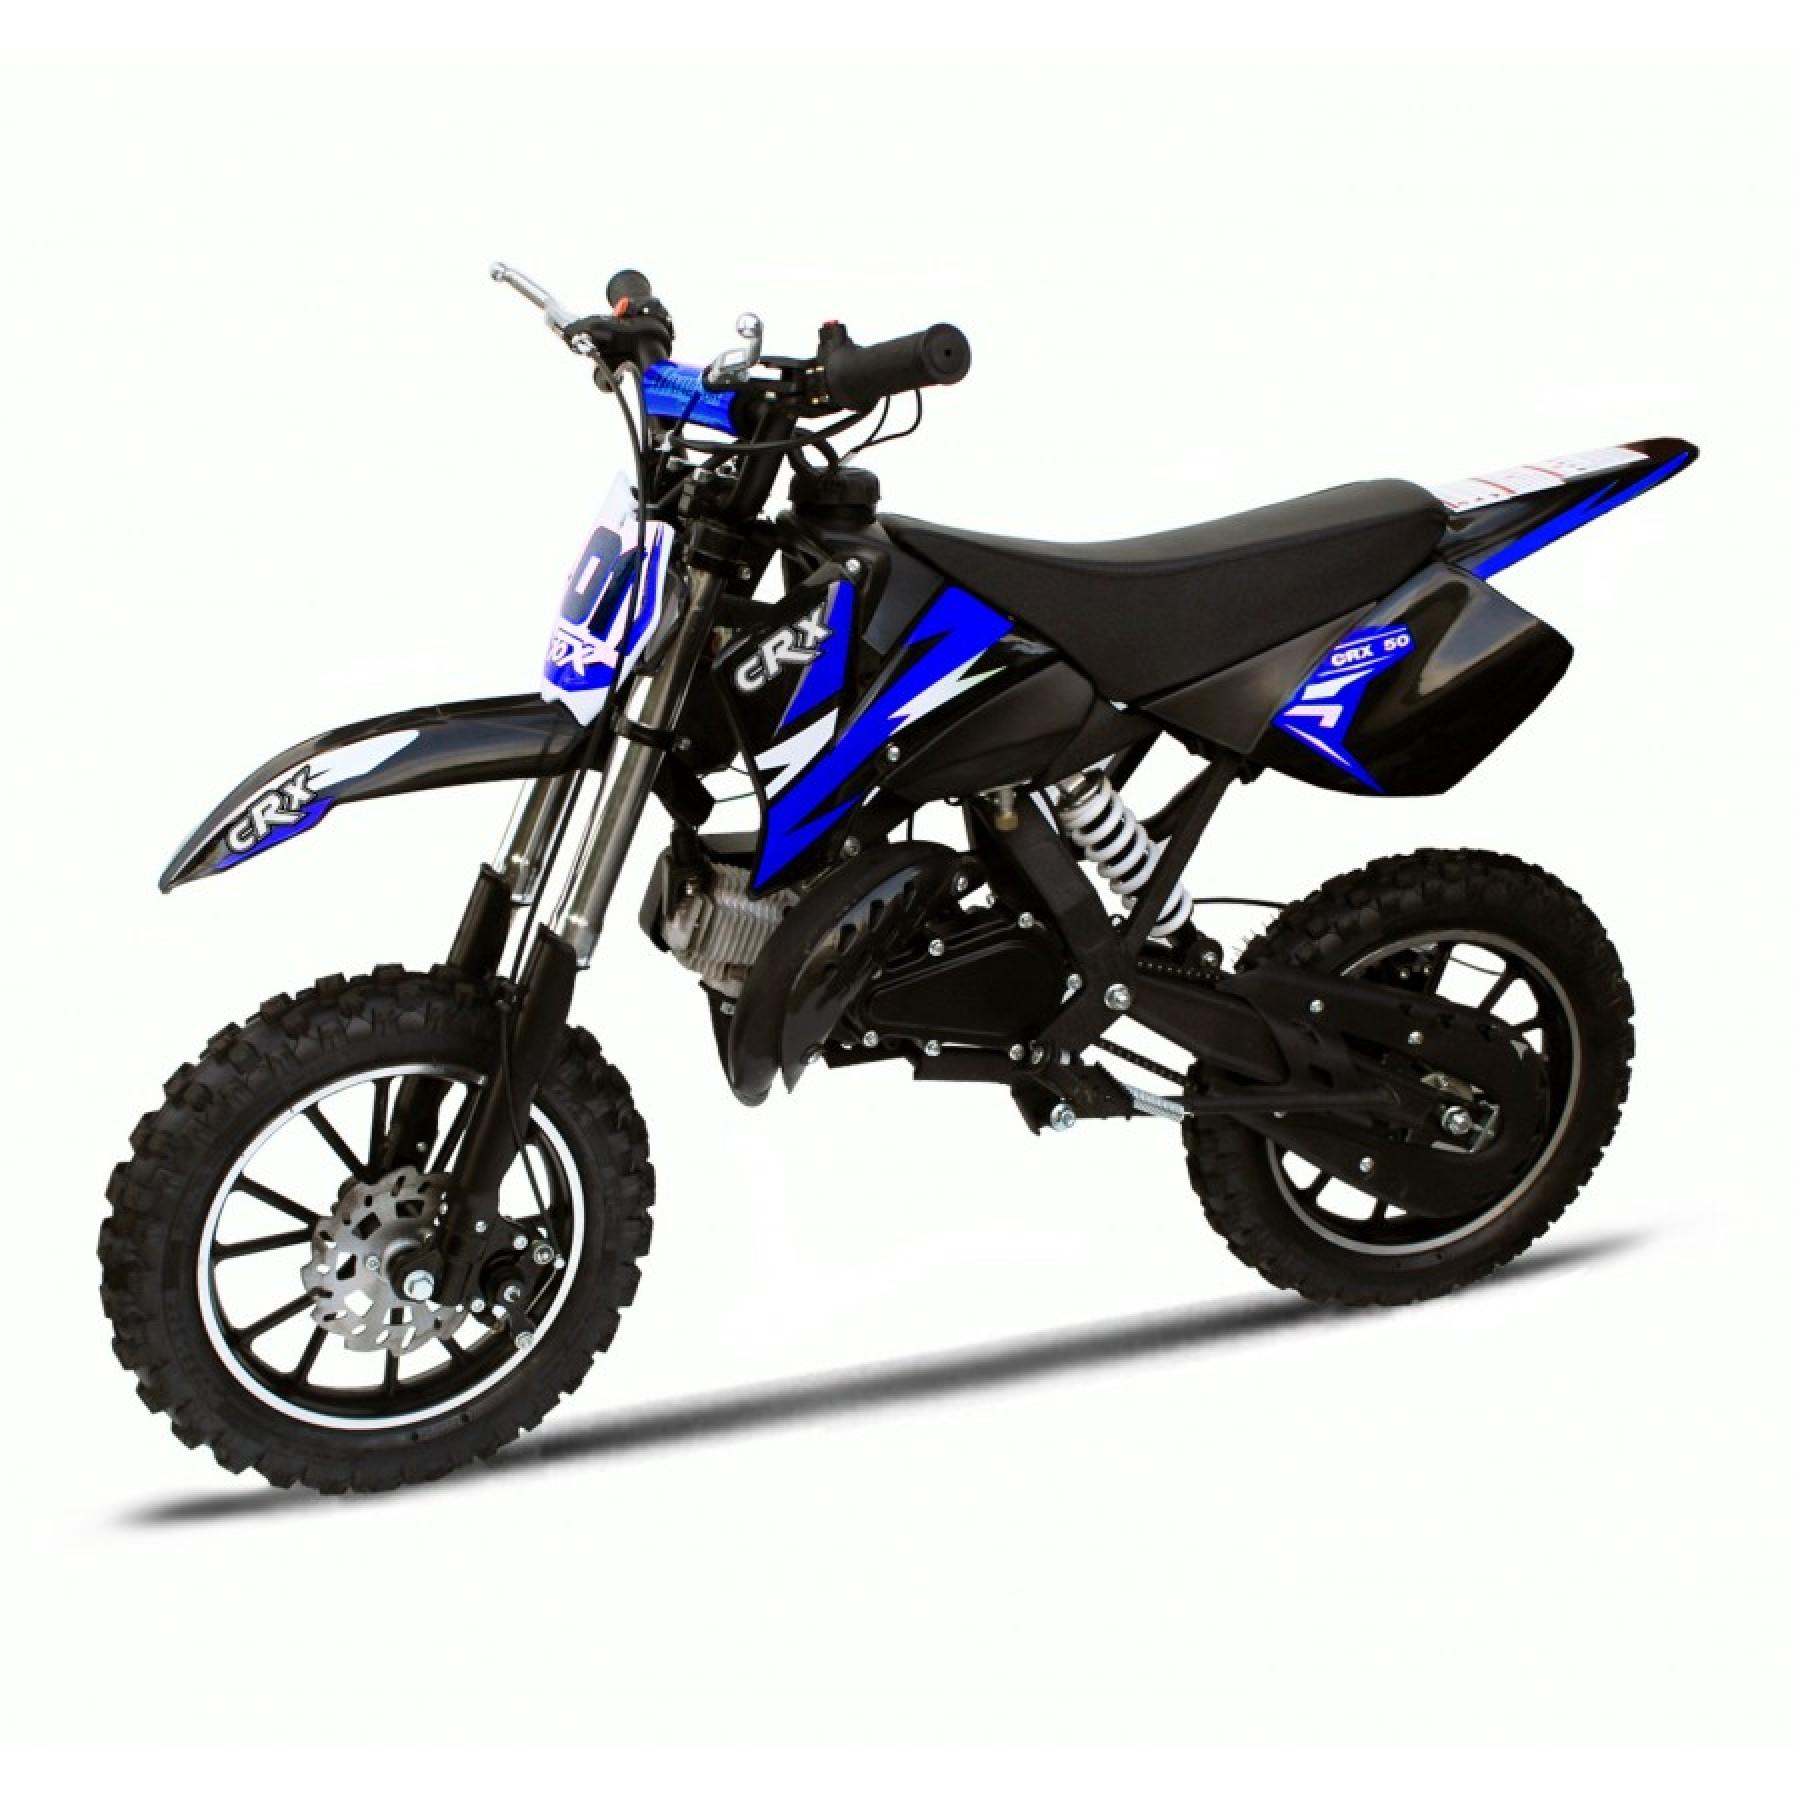 MINI DIRT BIKE XTM CRX 50 STICKER KIT / DECALS / TRANSFERS IN BLUE